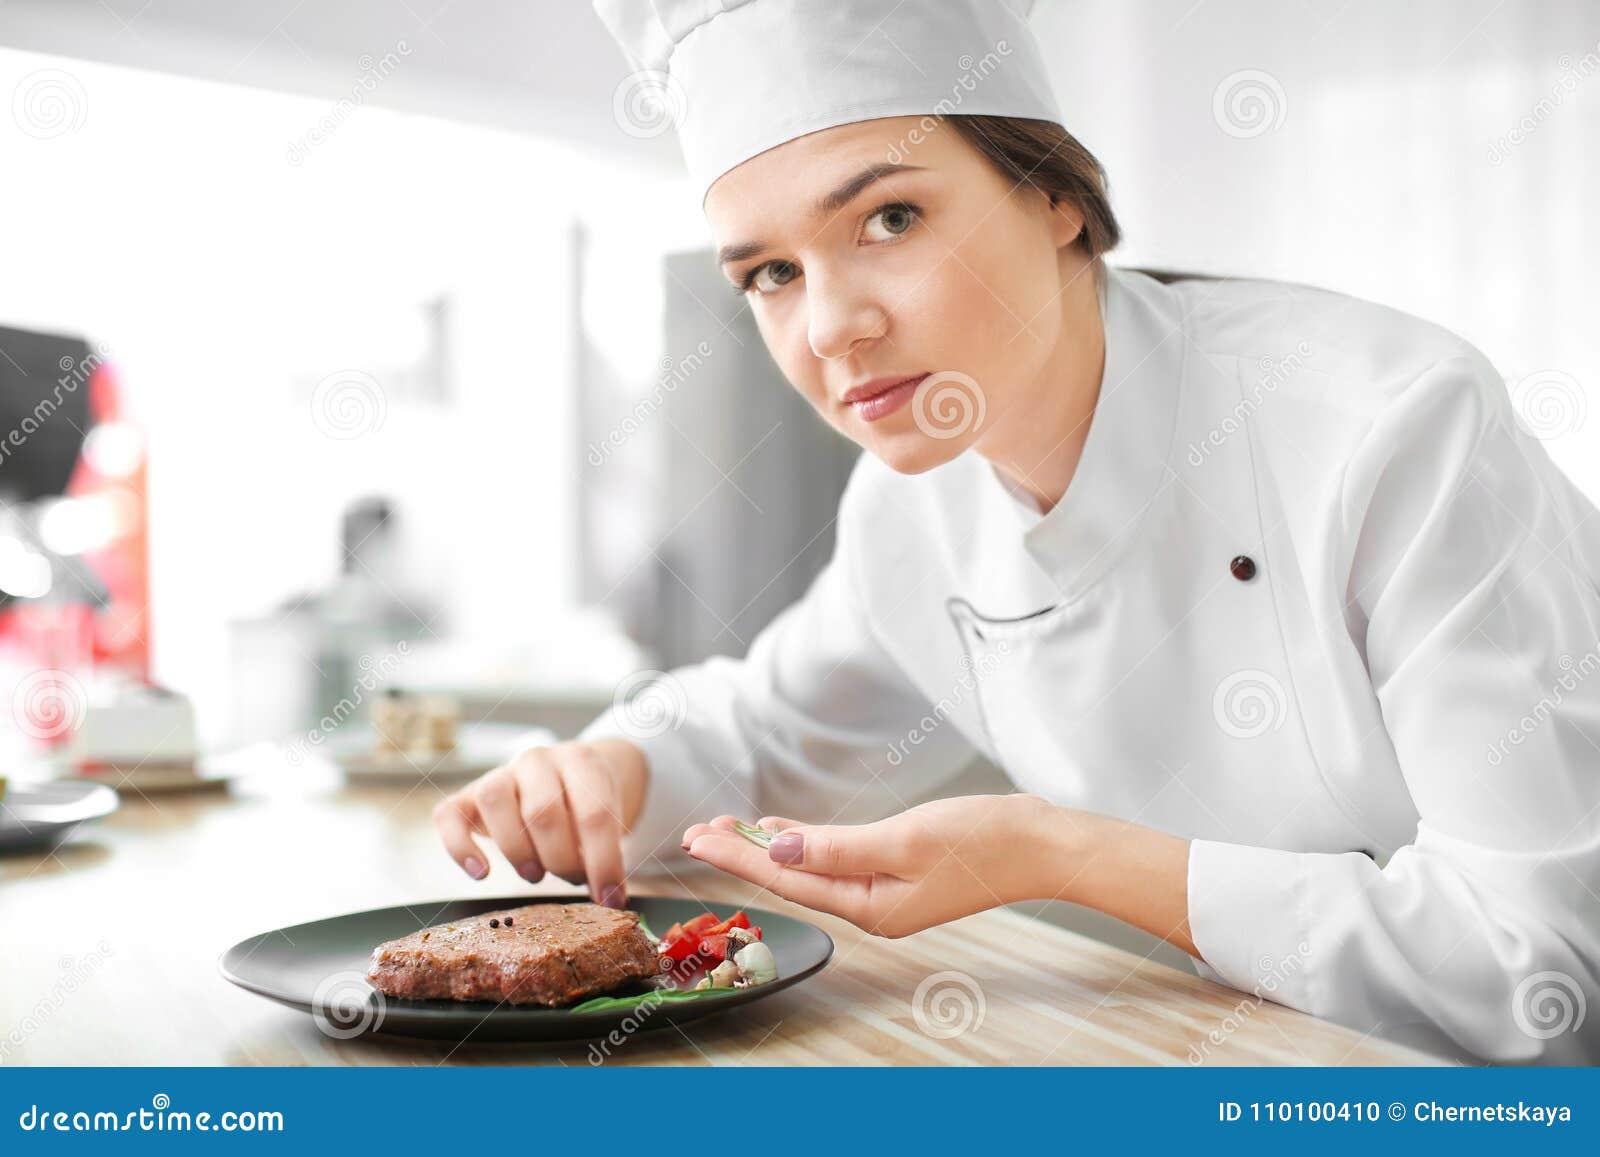 Kvinnlig kock som förbereder smaklig biff